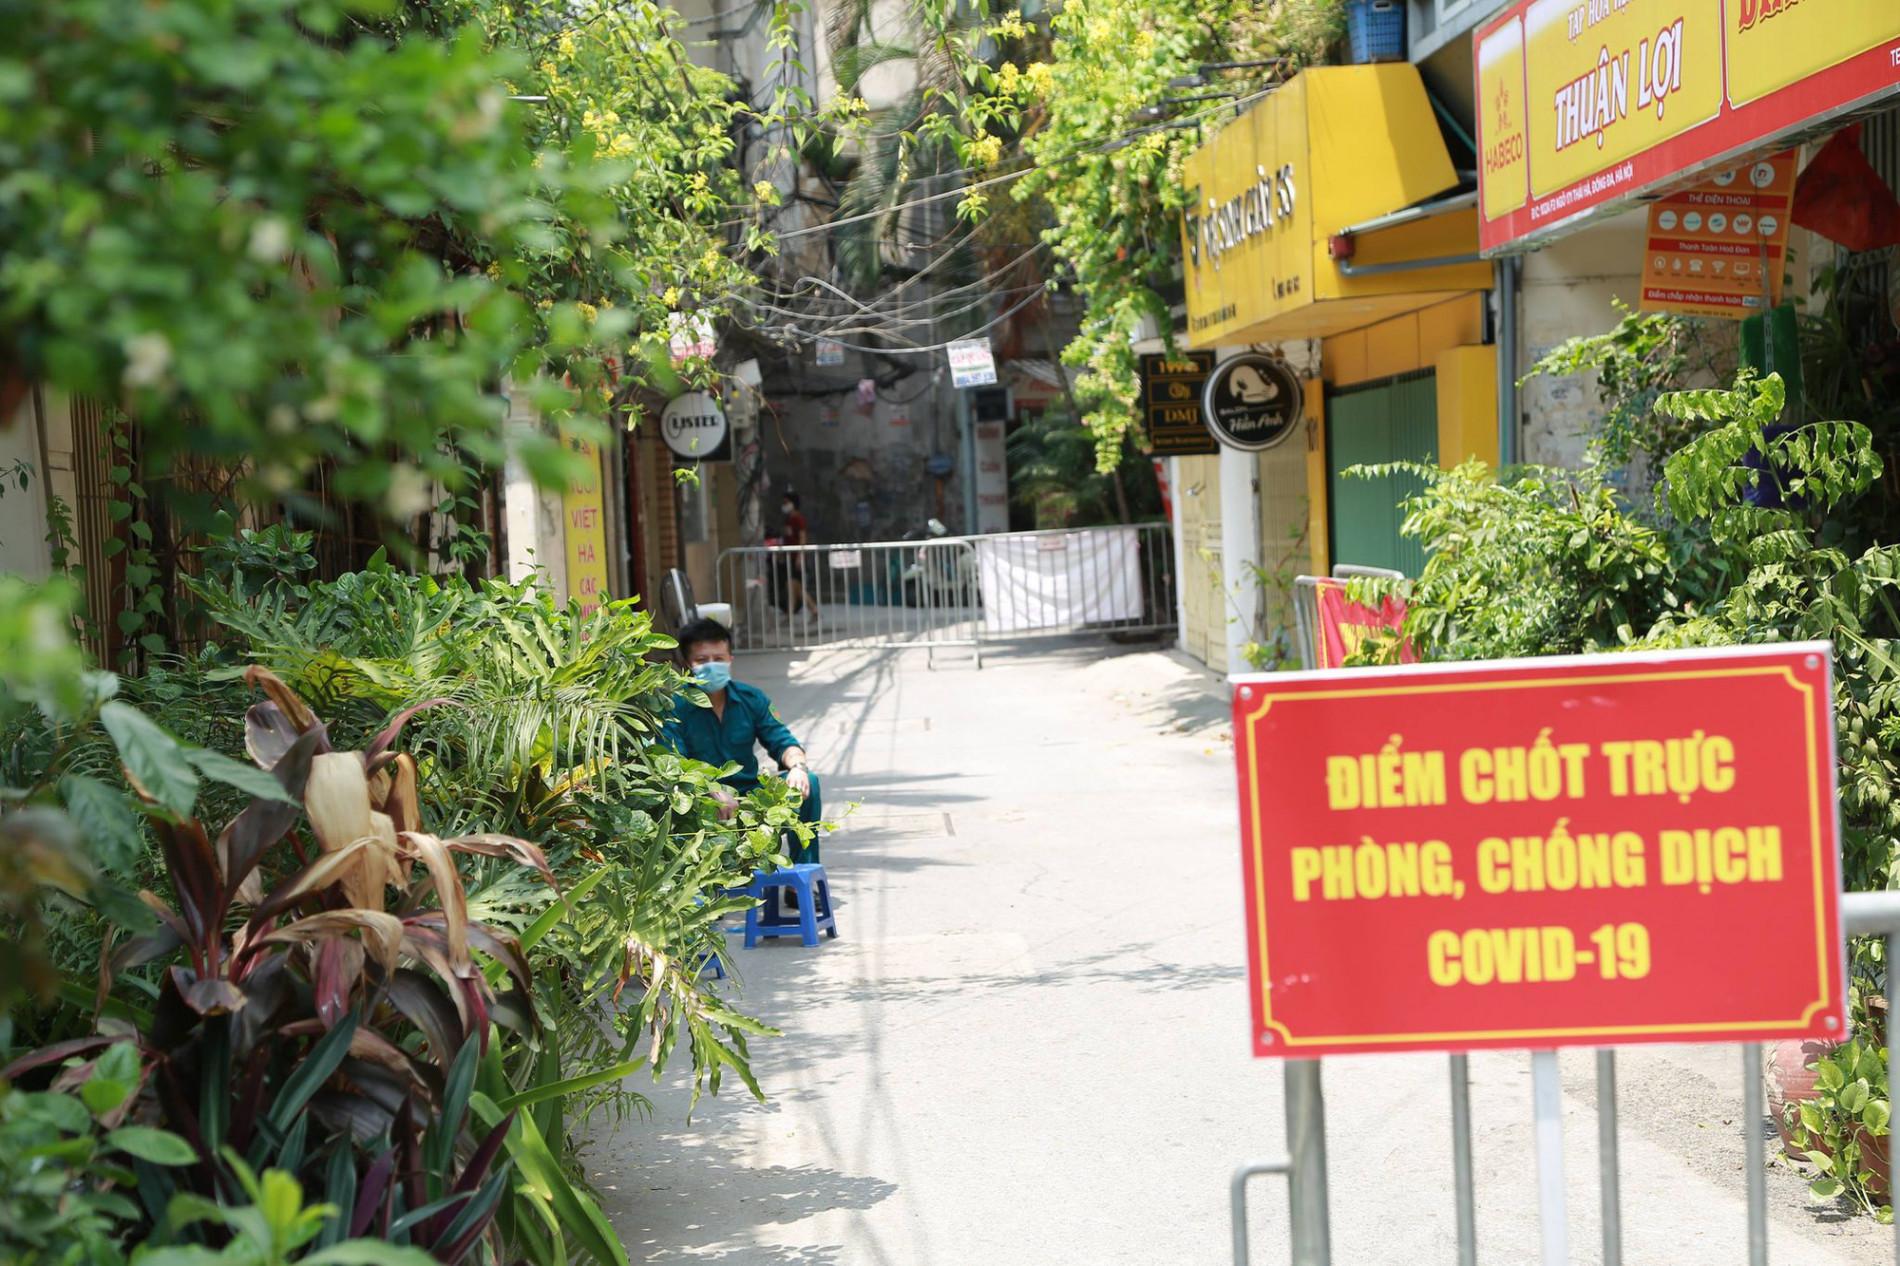 Các địa điểm cách ly, phong toả tại Hà Nội sau khi phát hiện có người dương tính SARS-CoV-2 - Ảnh 9.